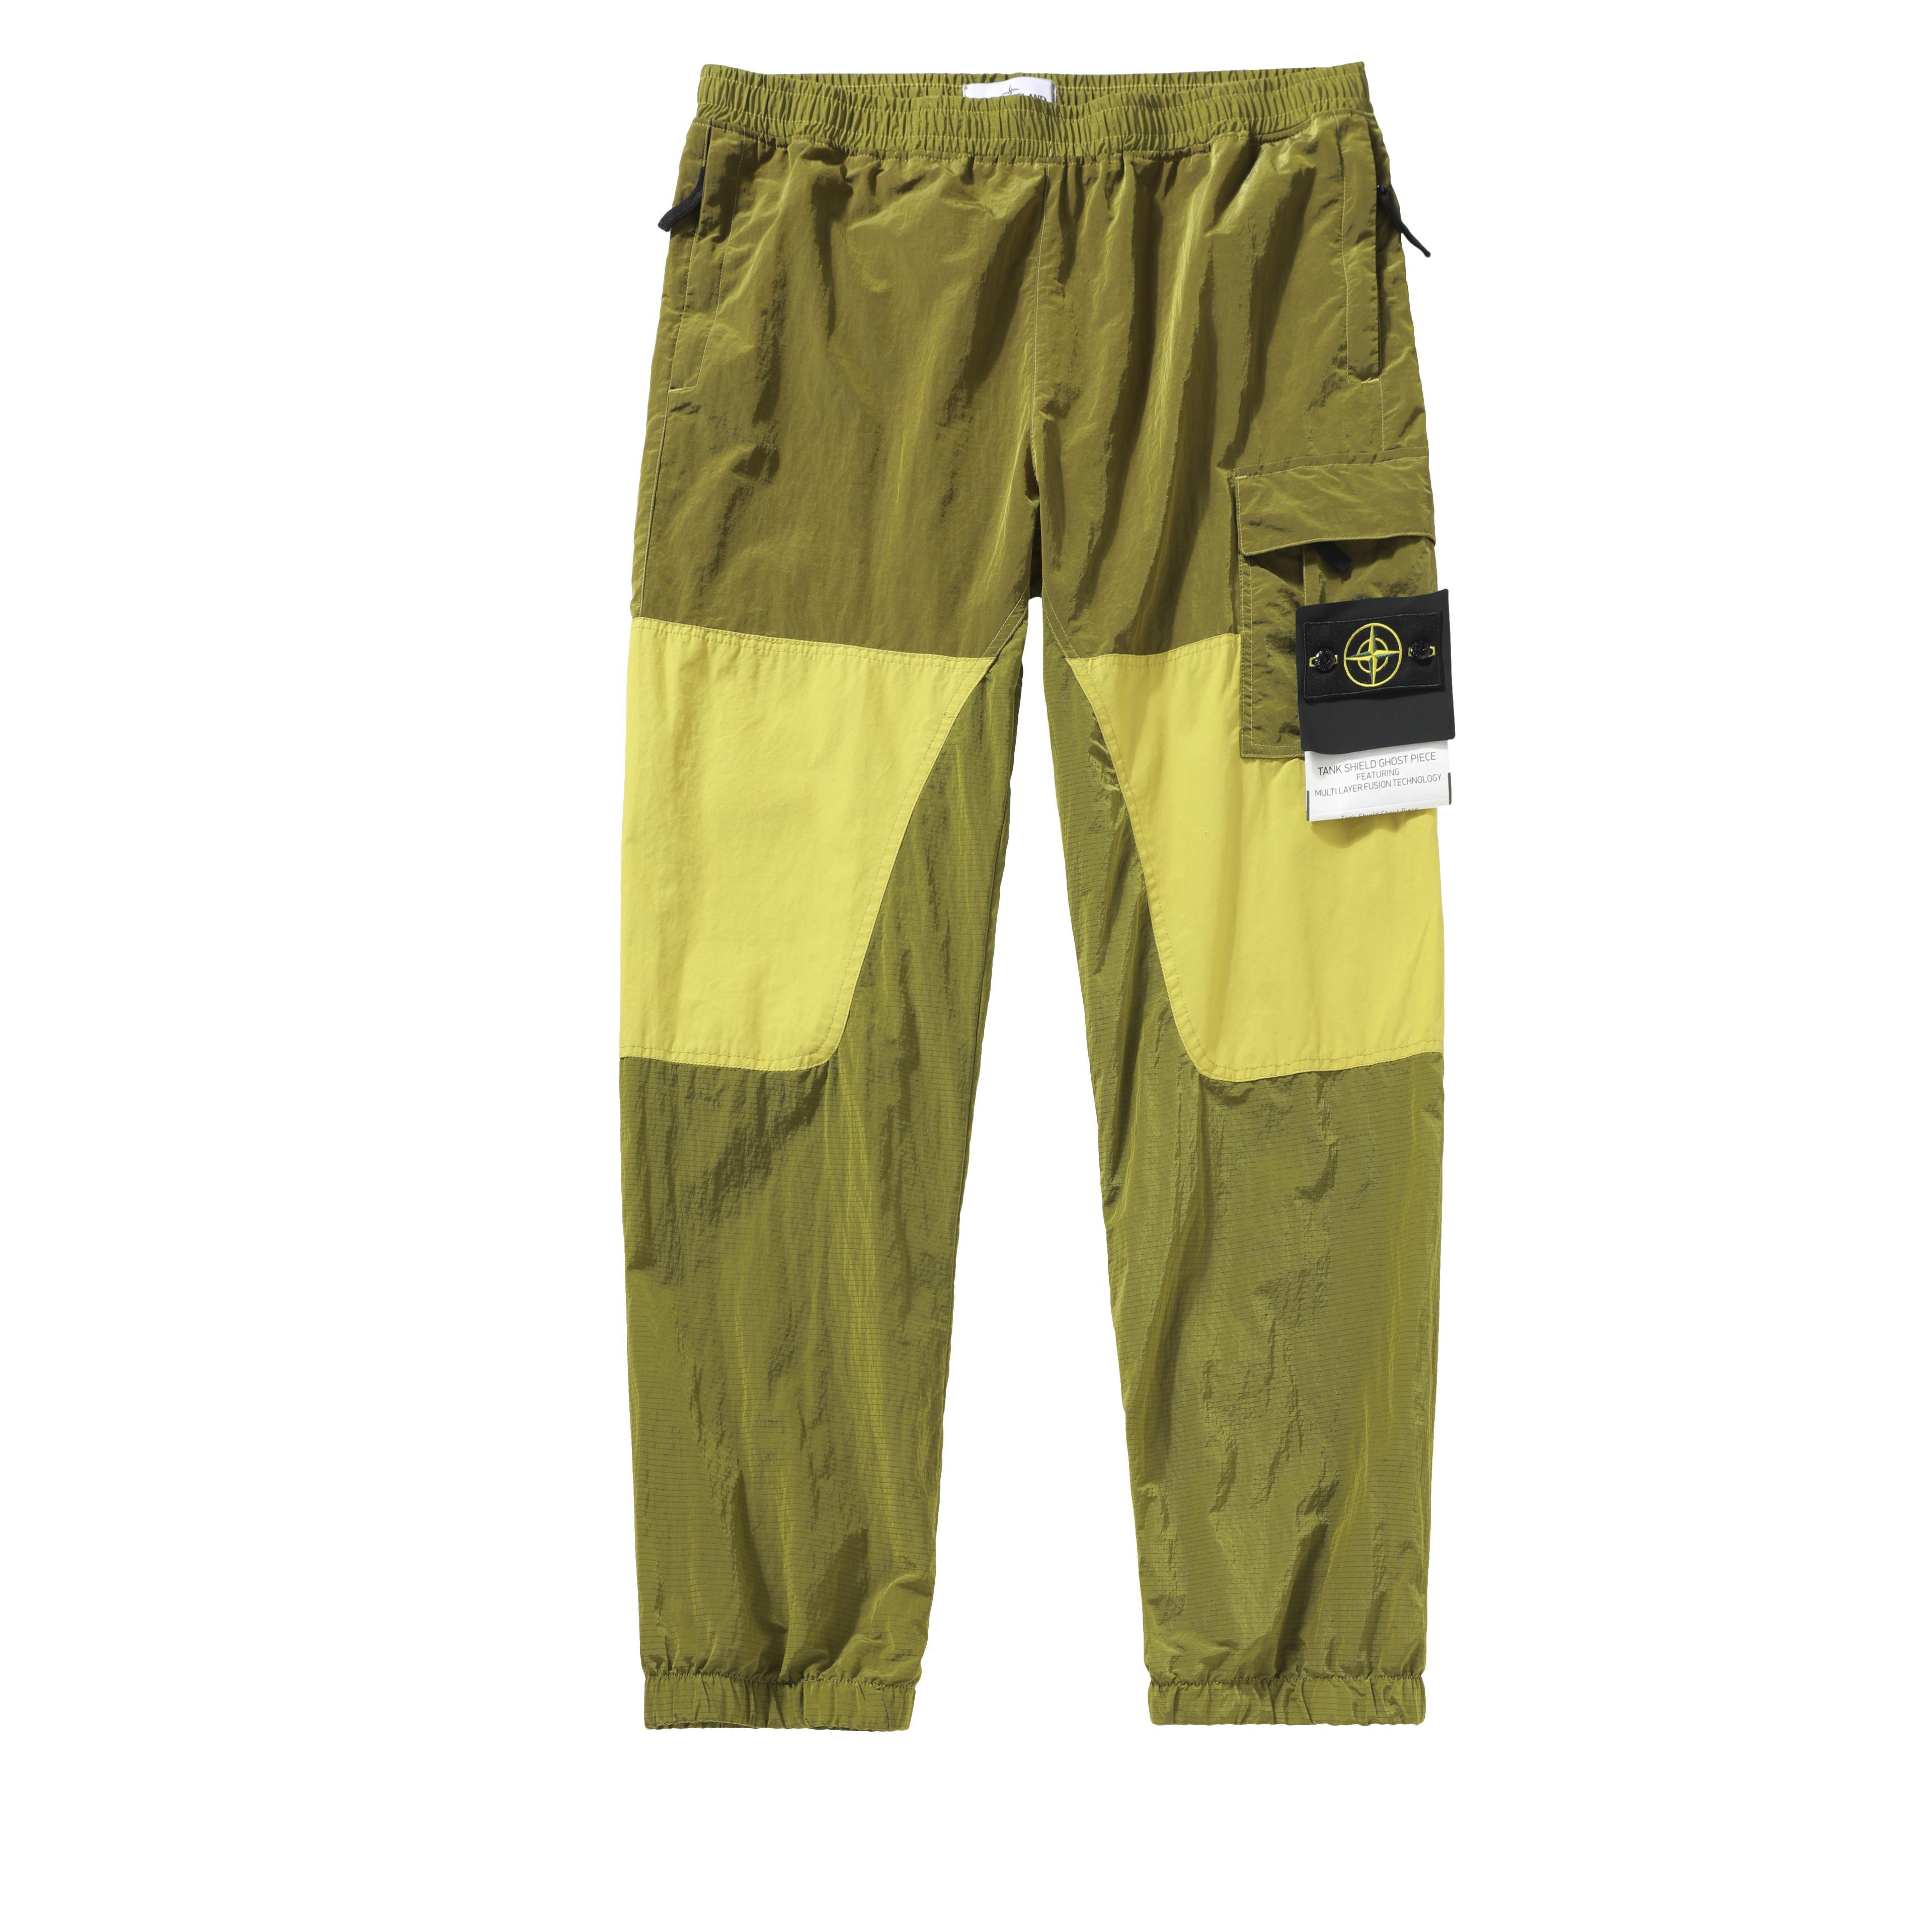 50% de rabais Classic Hommes Designer Pantalons Nylon Fashion Femmes Pantalon de sport en pieds décontractés pour Île Blanc Blanc Gris